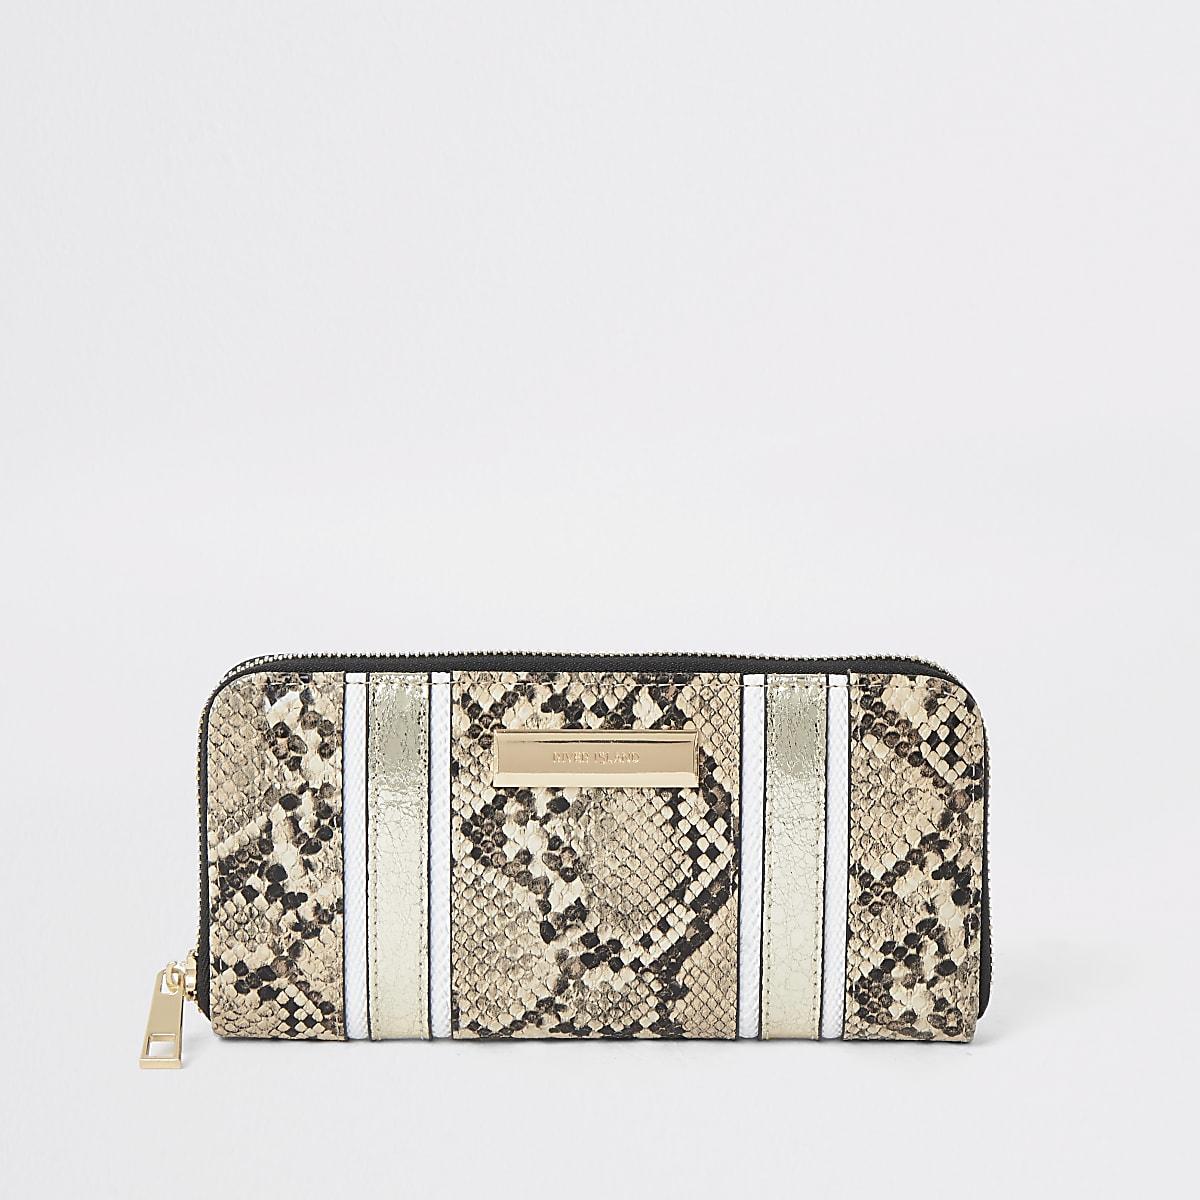 Portefeuille en cuir imprimé serpent beige zippé